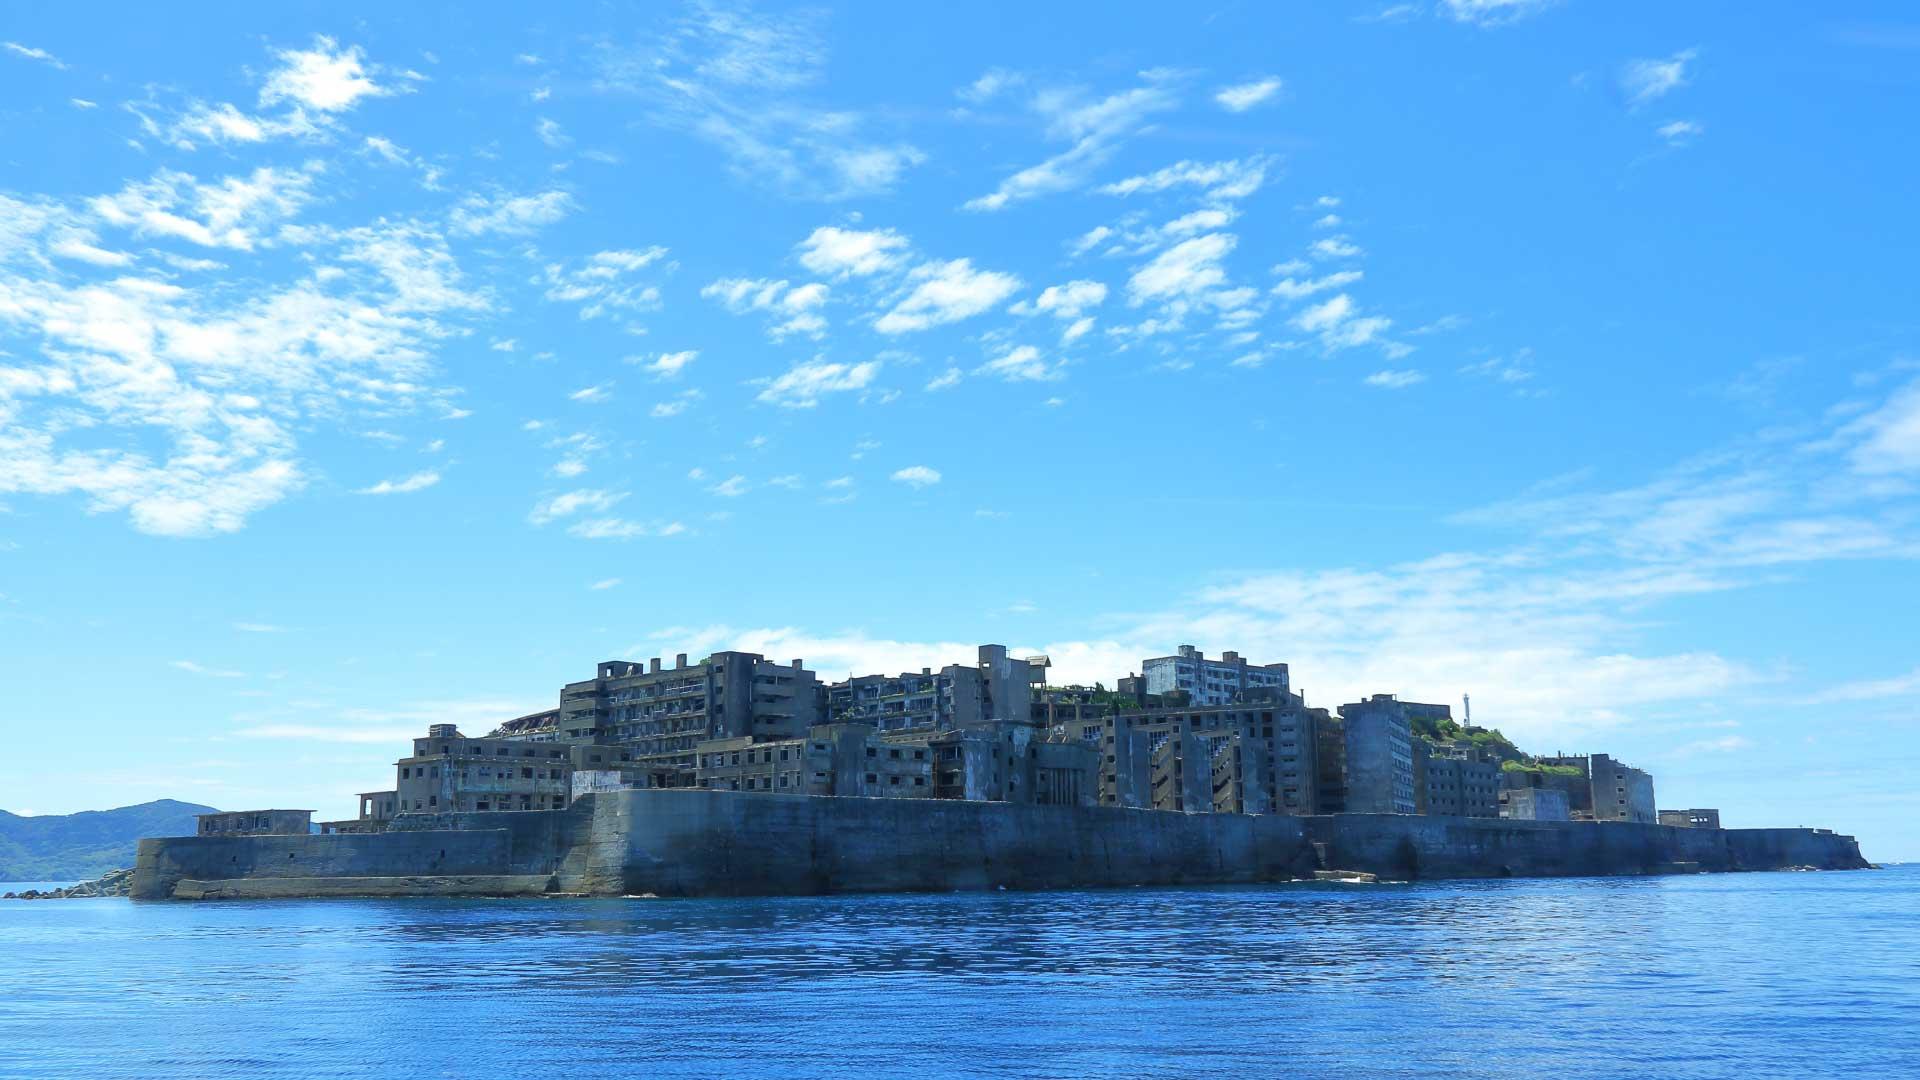 超ローカルな軍艦島上陸ツアー「アイランド号」!【長崎市】